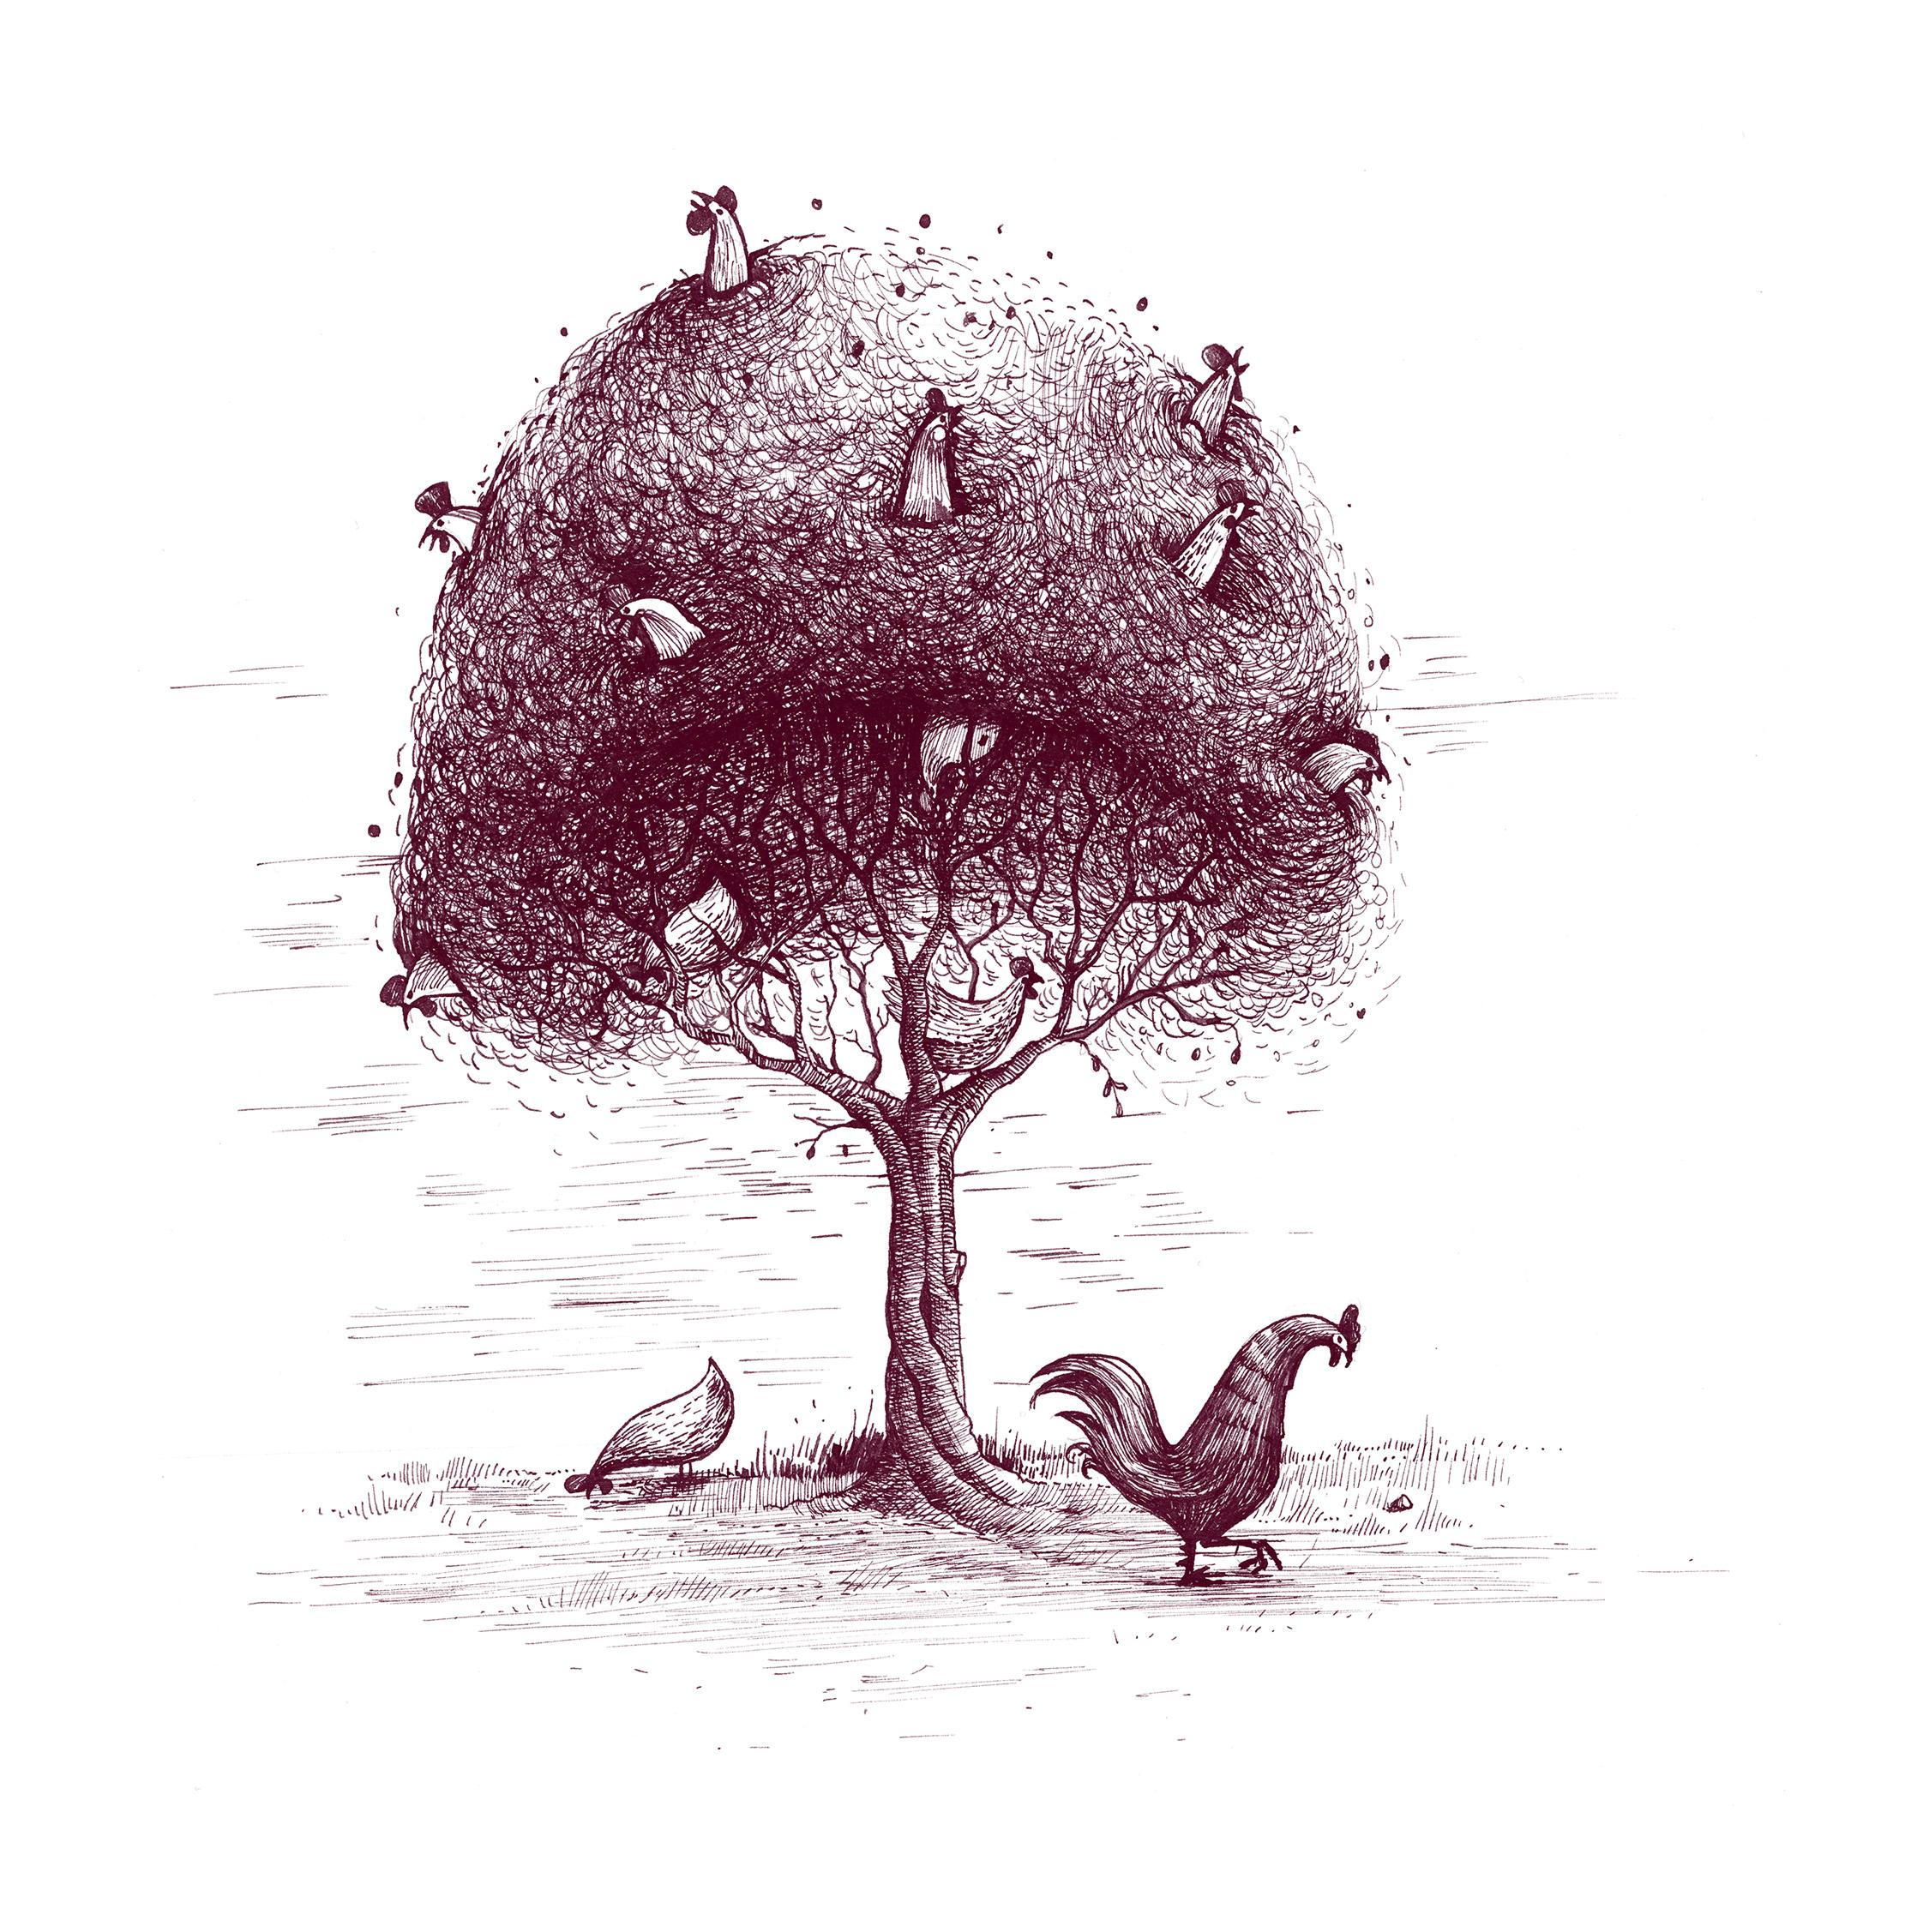 slepice_strom